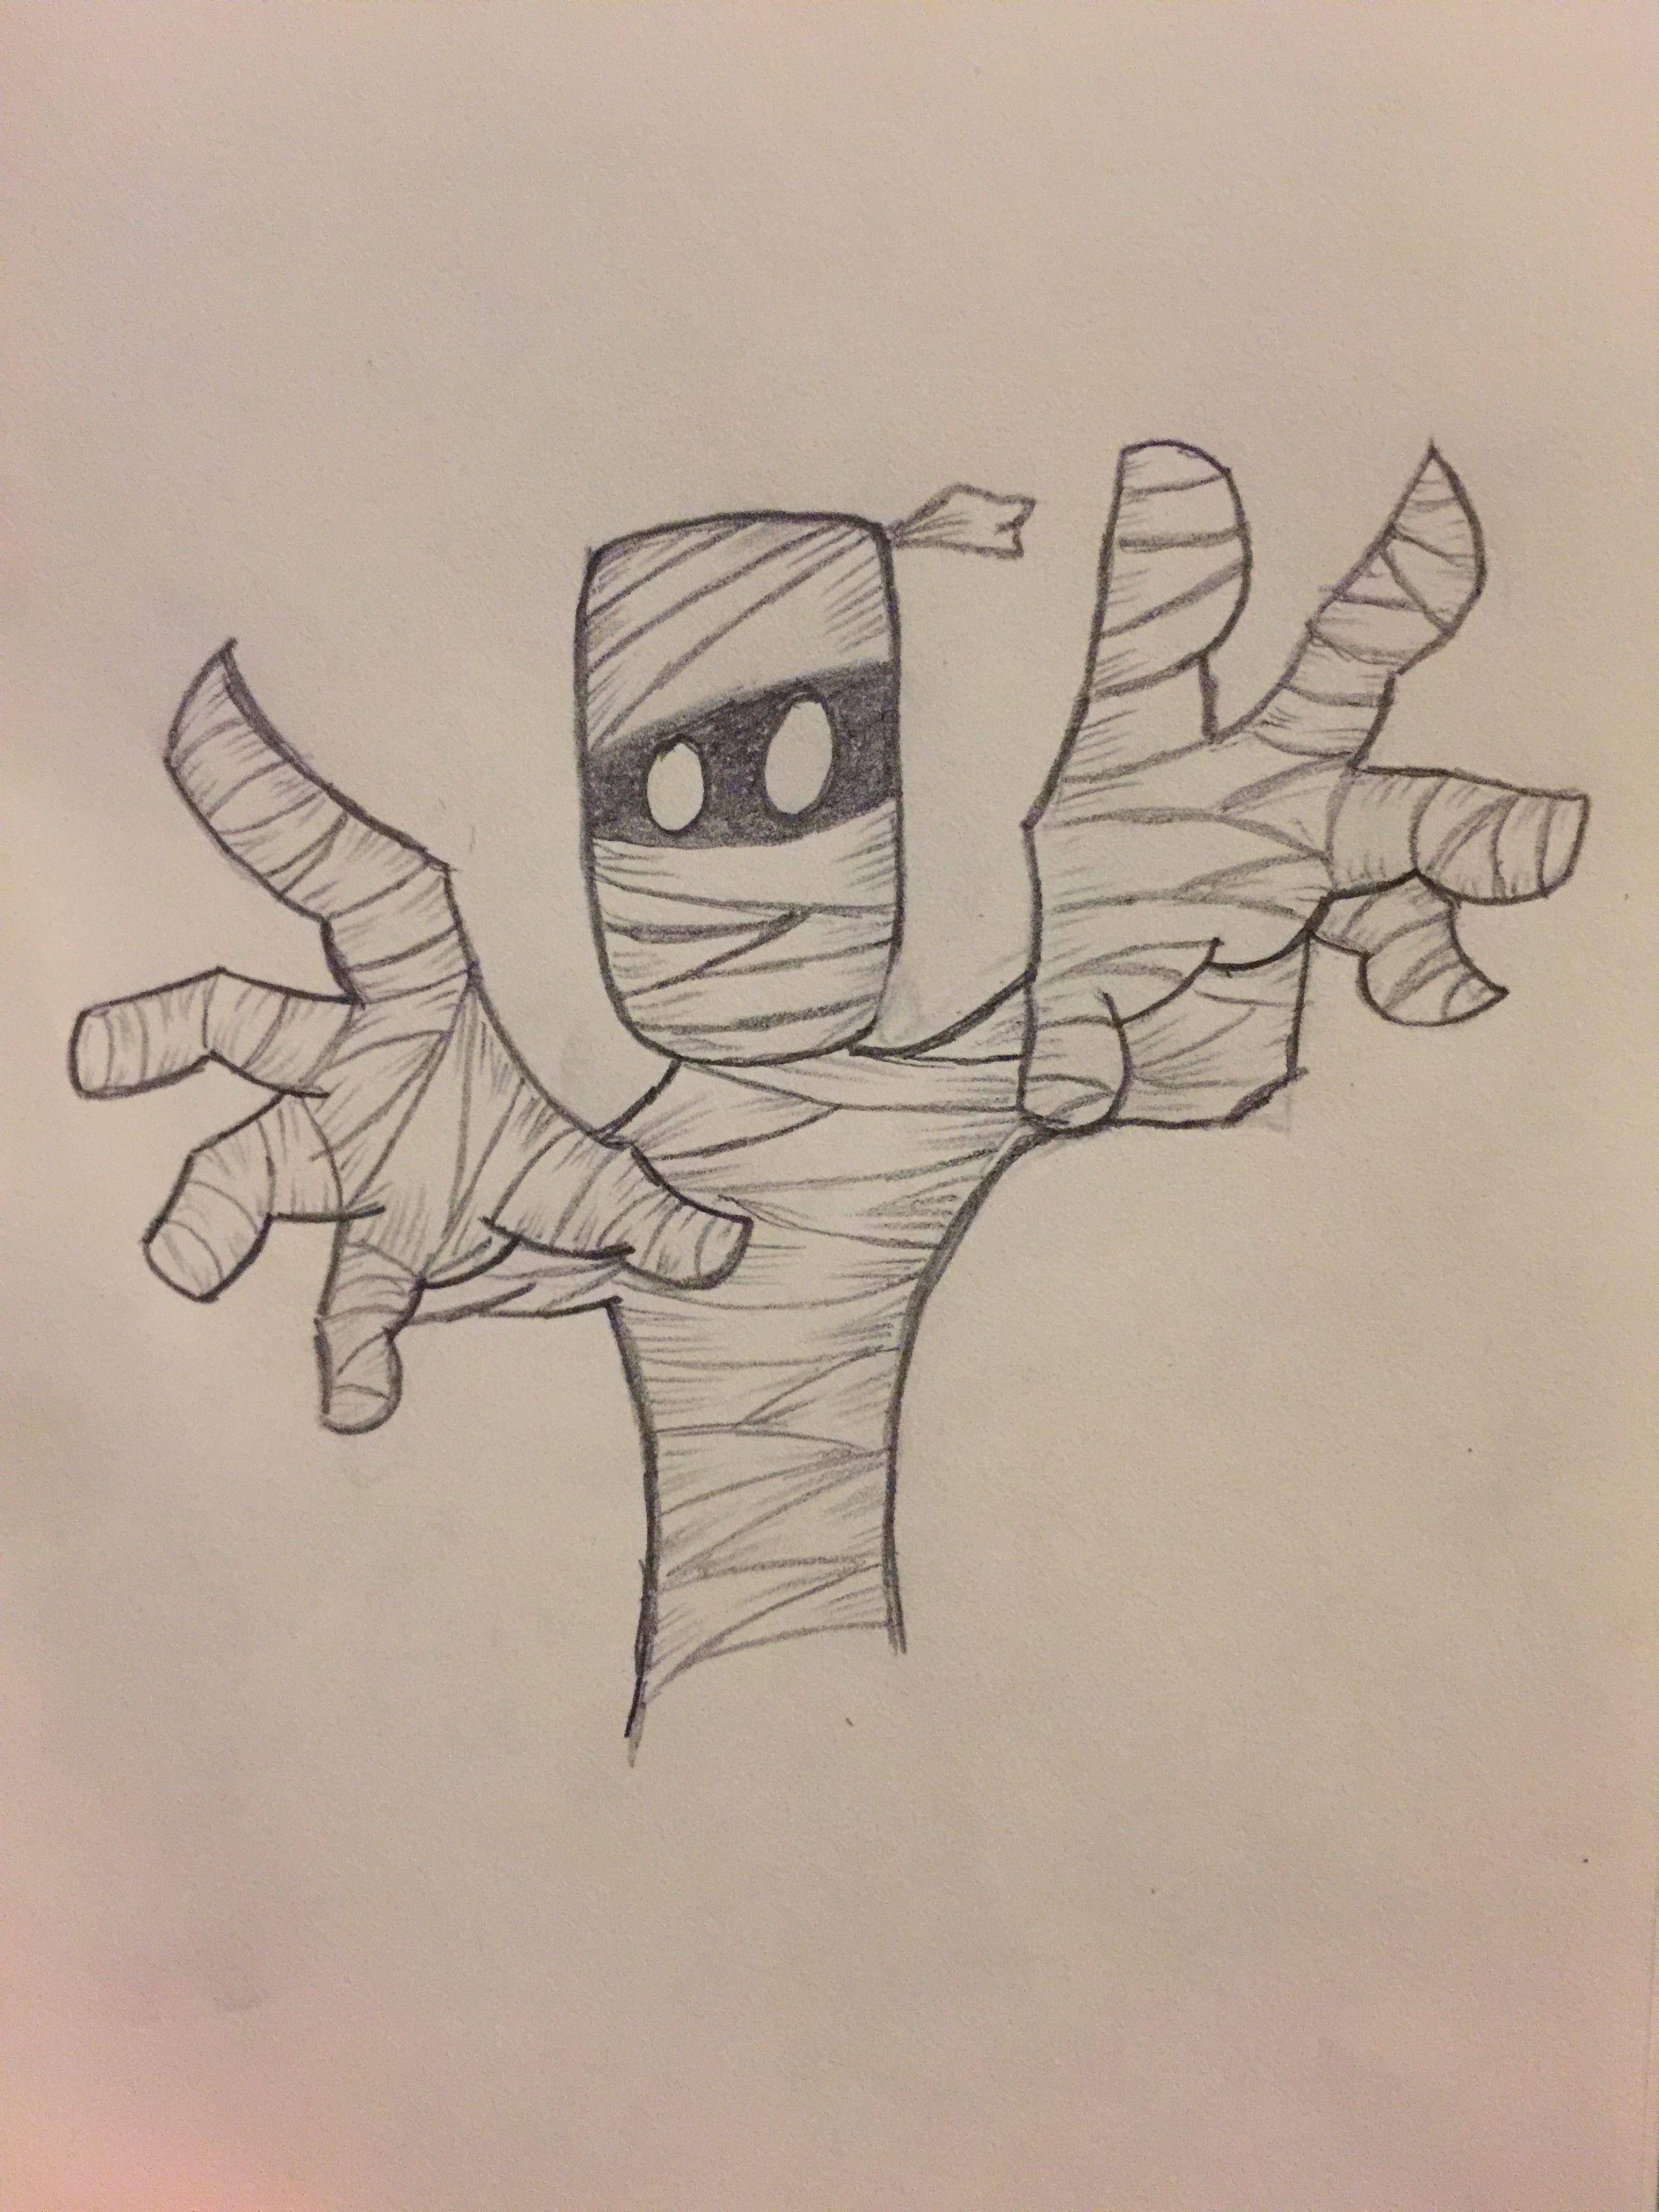 Pin De Caleb Pitts Em Drawing Desenhos Criativos Desenhos